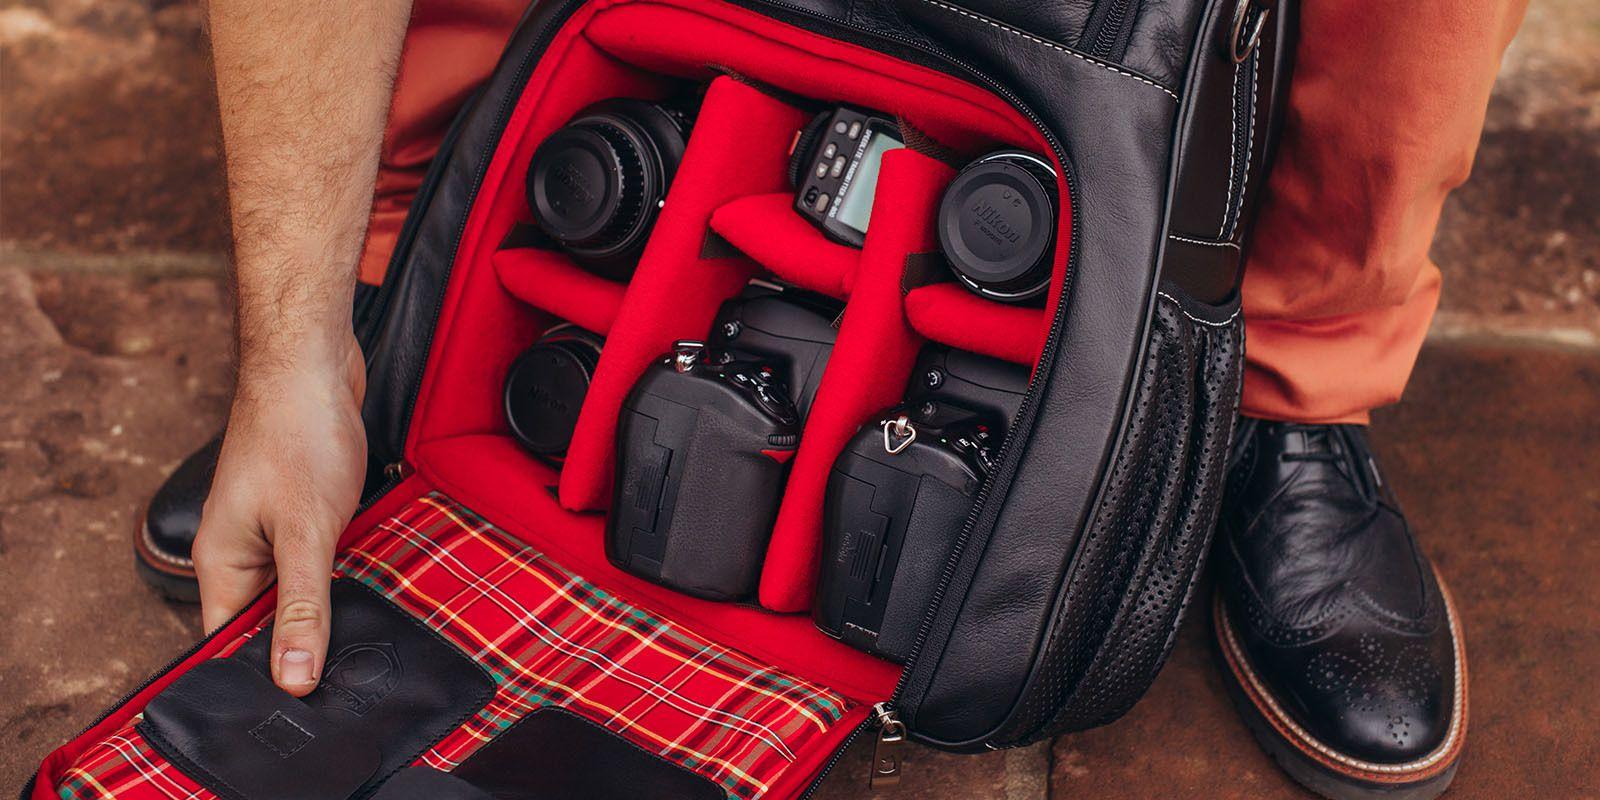 Mochila de couro para fotógrafos 2.0 NW055 – Nordweg